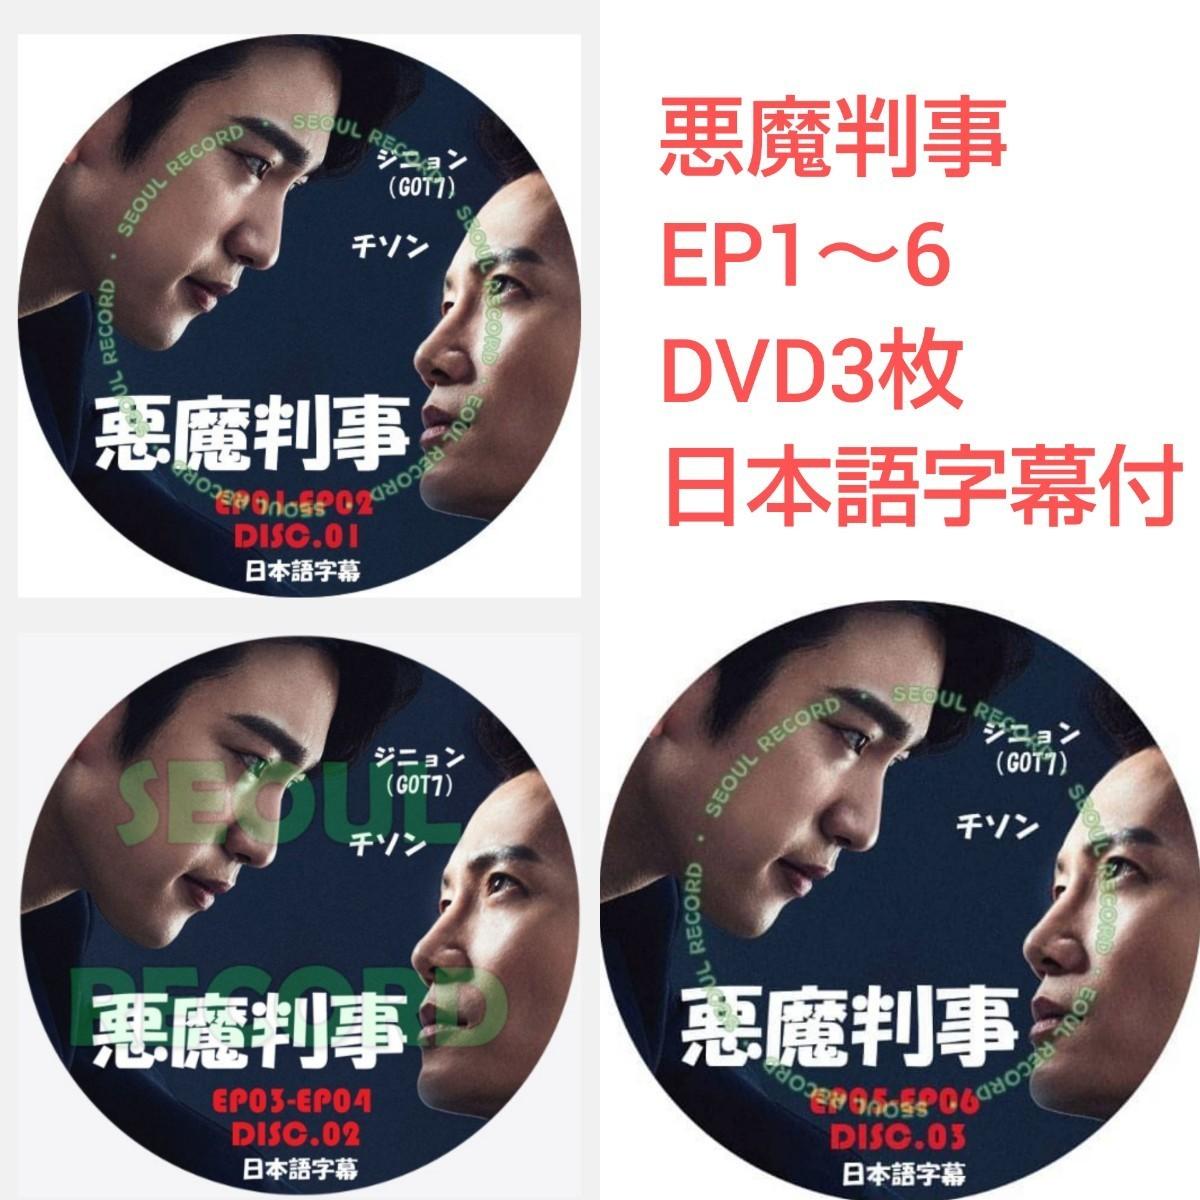 「韓国ドラマ」ディスク1 から3悪魔判事 (日本語字幕) EP1から6 DVDレーベル印刷付